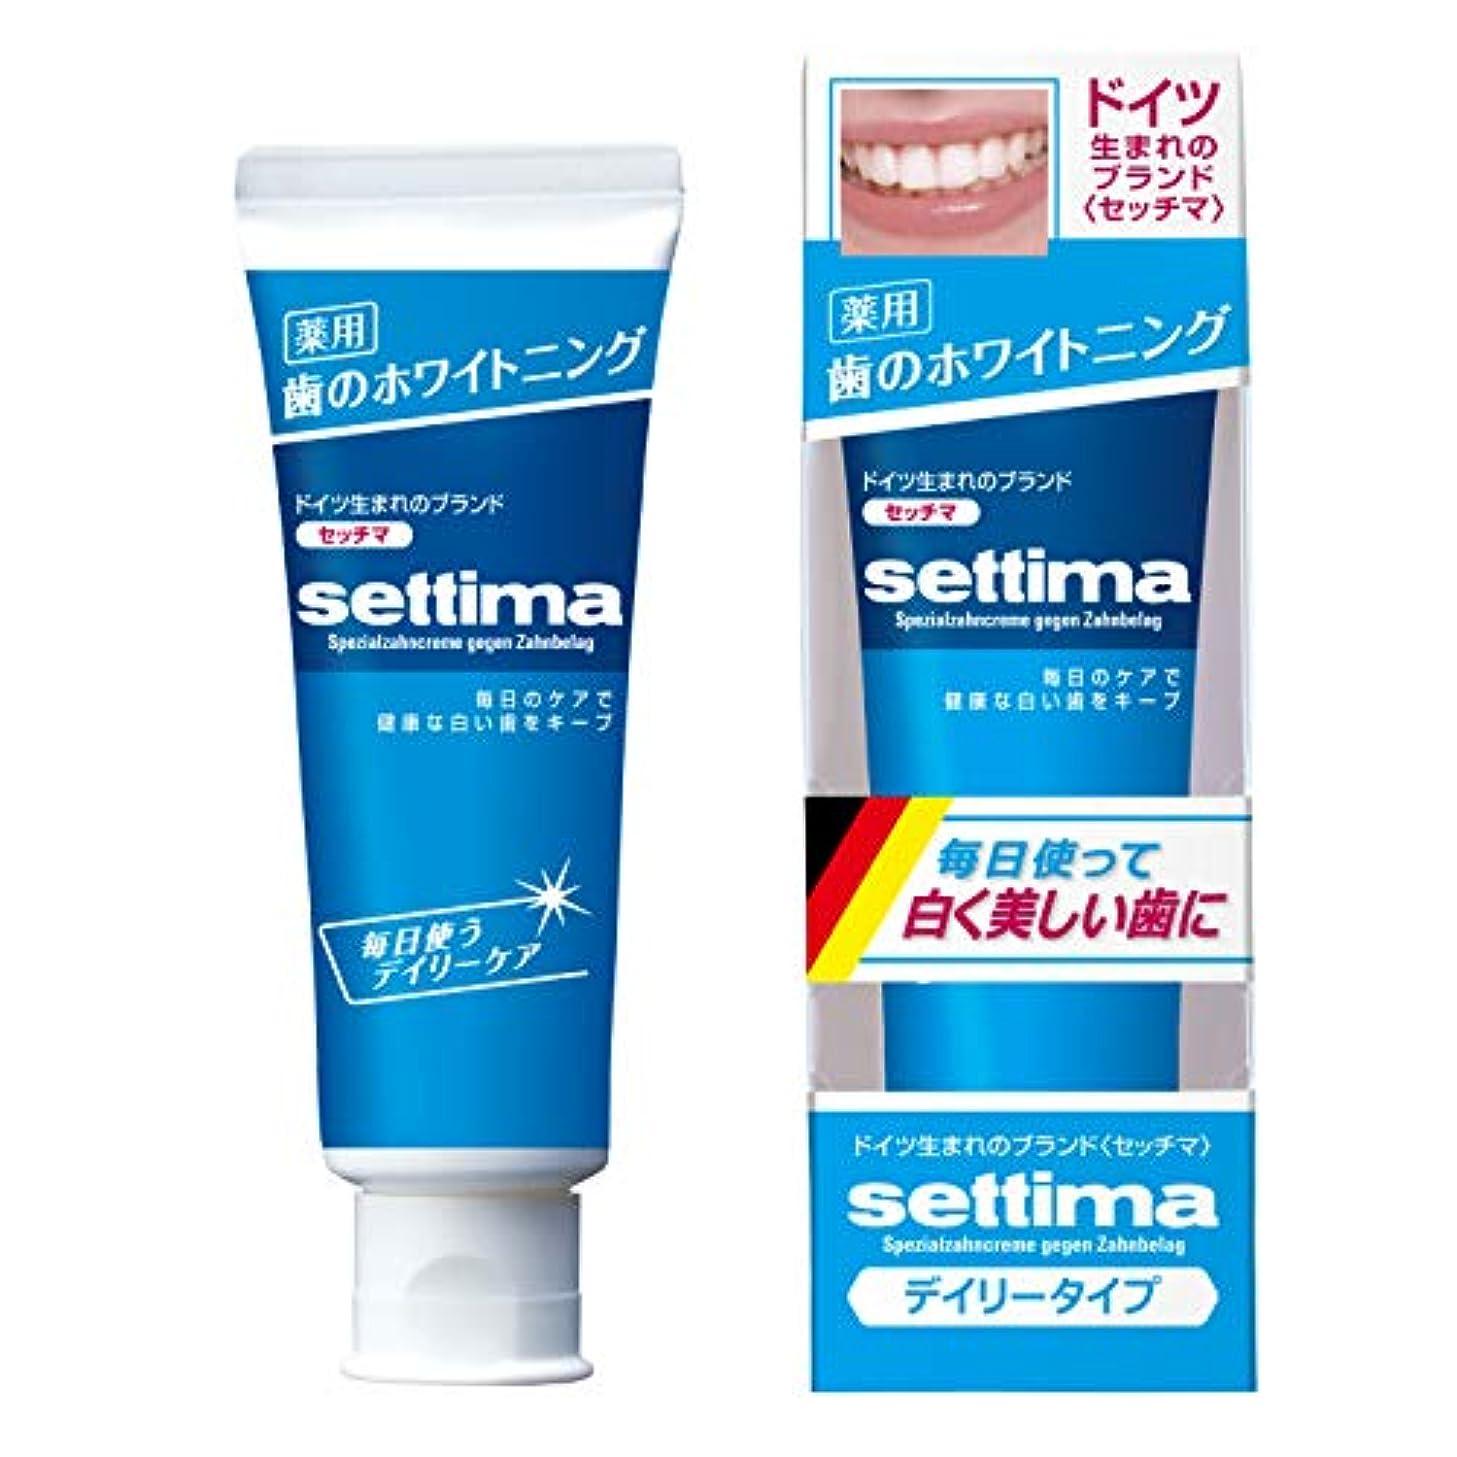 火傷コークス出くわす[医薬部外品] settima(セッチマ) ホワイトニング 歯みがき デイリーケア [ファインミントタイプ] <ステインケア タバコのヤニ取り フッ素配合 虫歯予防> 80g